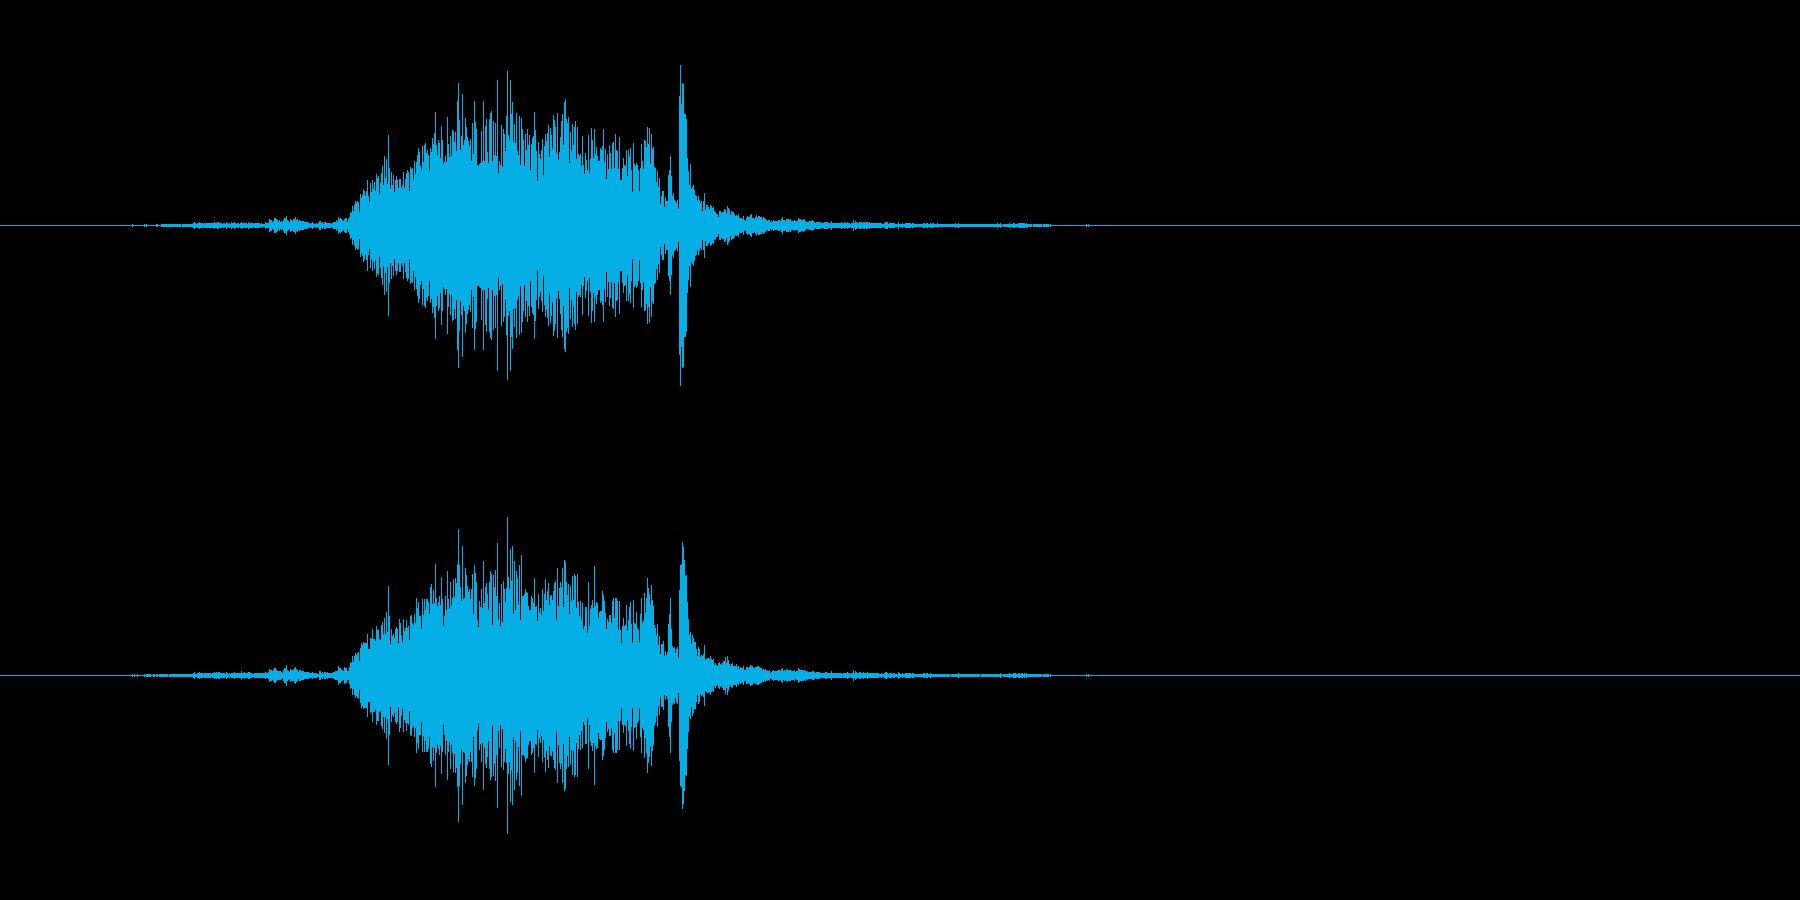 【カーテン02-1】の再生済みの波形